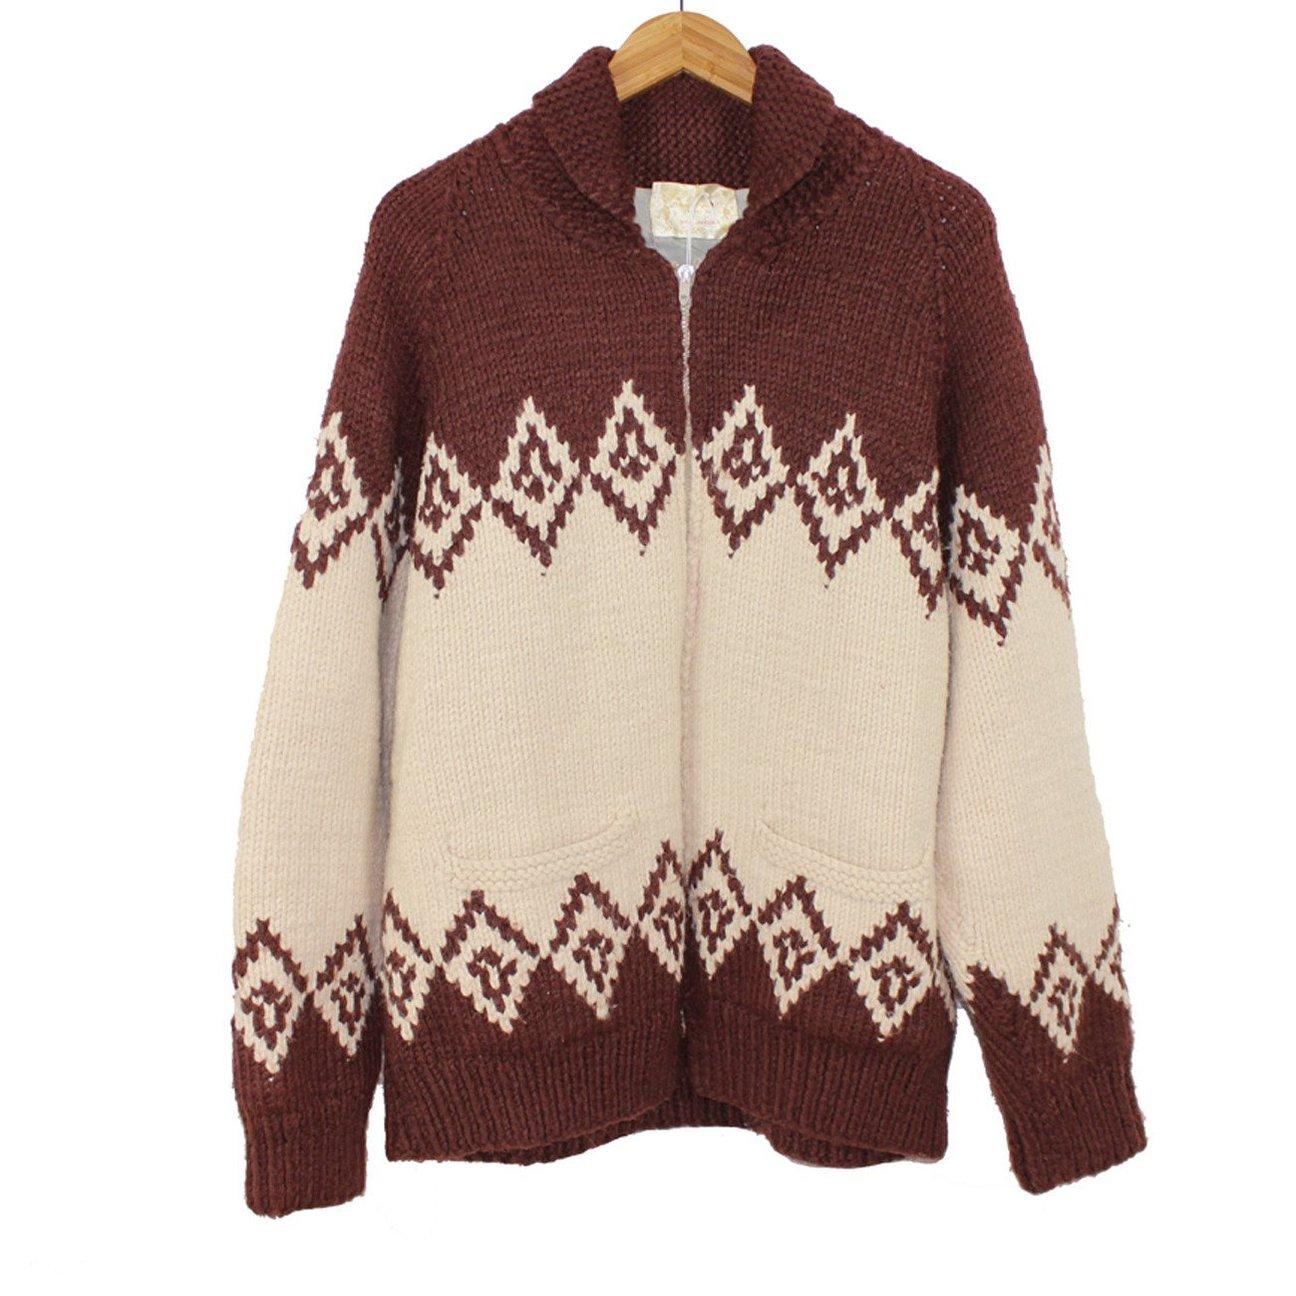 Vintage 1950s Cowichan Sweater  50s Poker Sweater  Gray Black Red Cowichan  Vintage Knit Menswear  Lined Wool Sweater